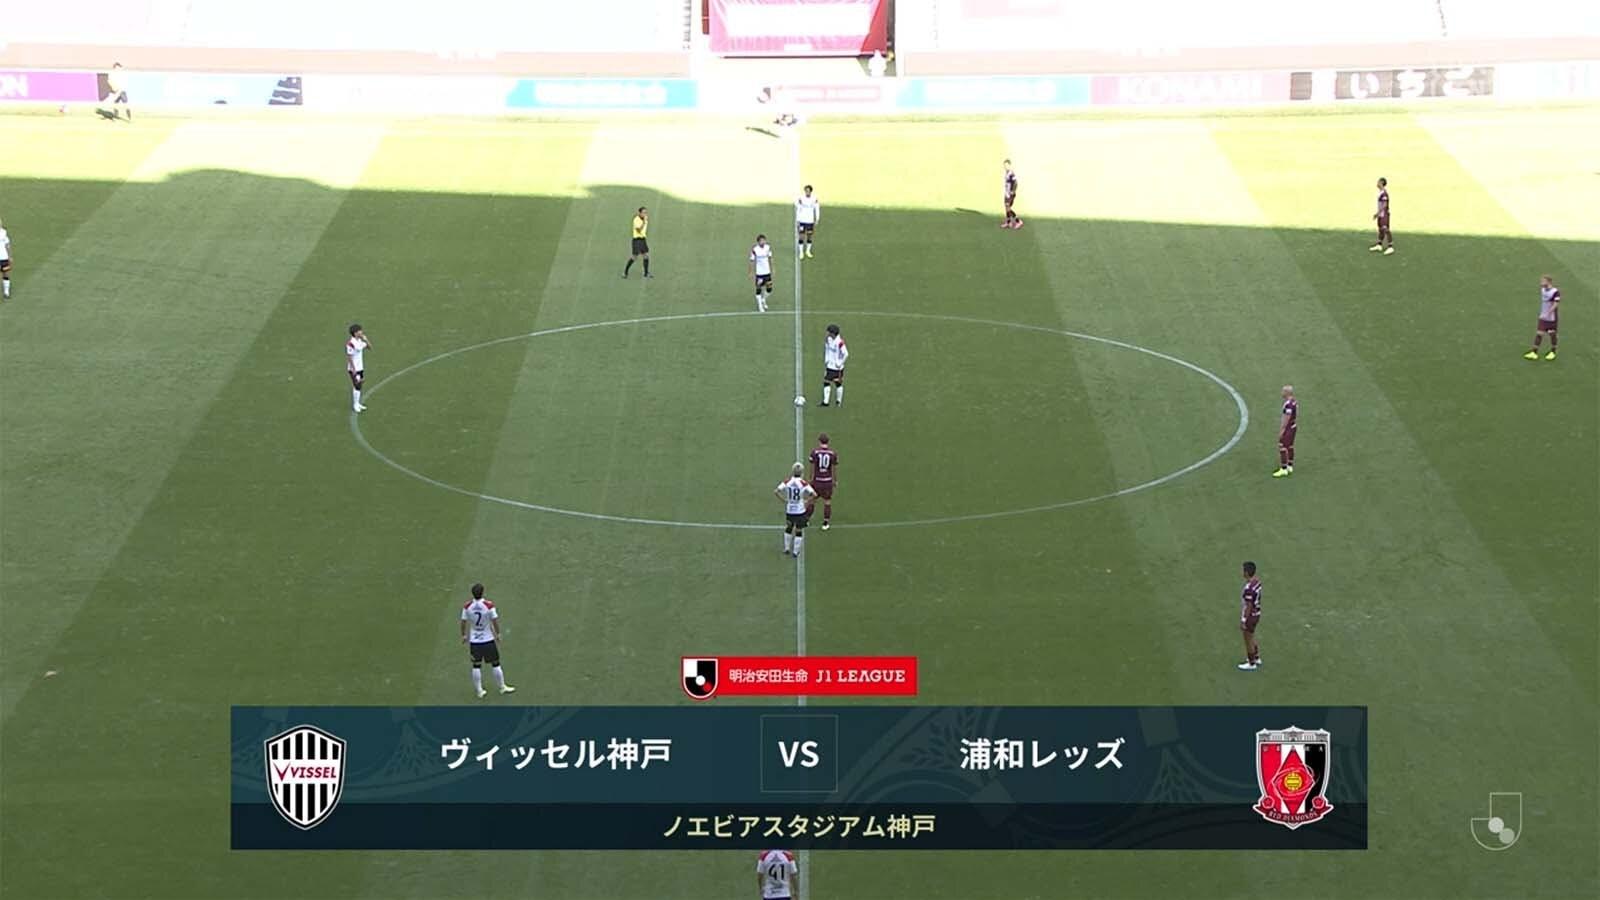 2021 Jリーグ 第31節 ノエビアスタジアム神戸 アウェー ヴィッセル神戸戦